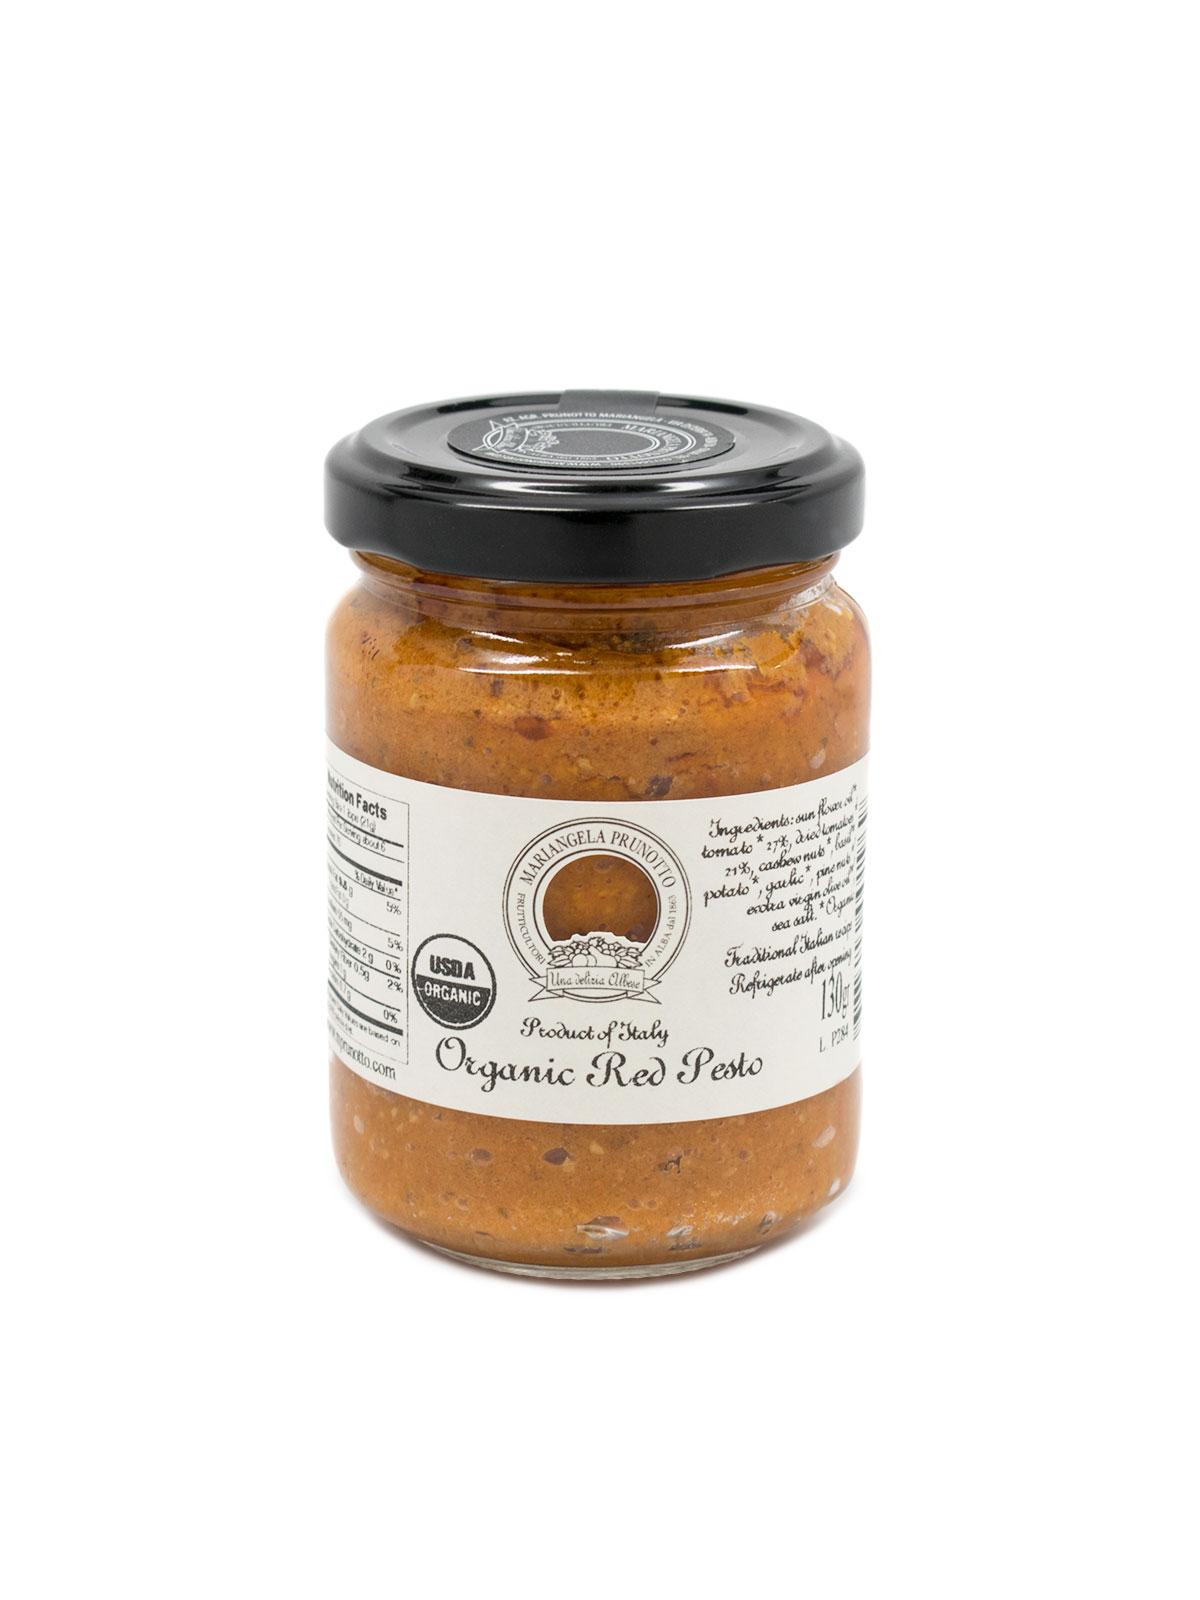 Organic Red Pesto - Pantry - Buon'Italia